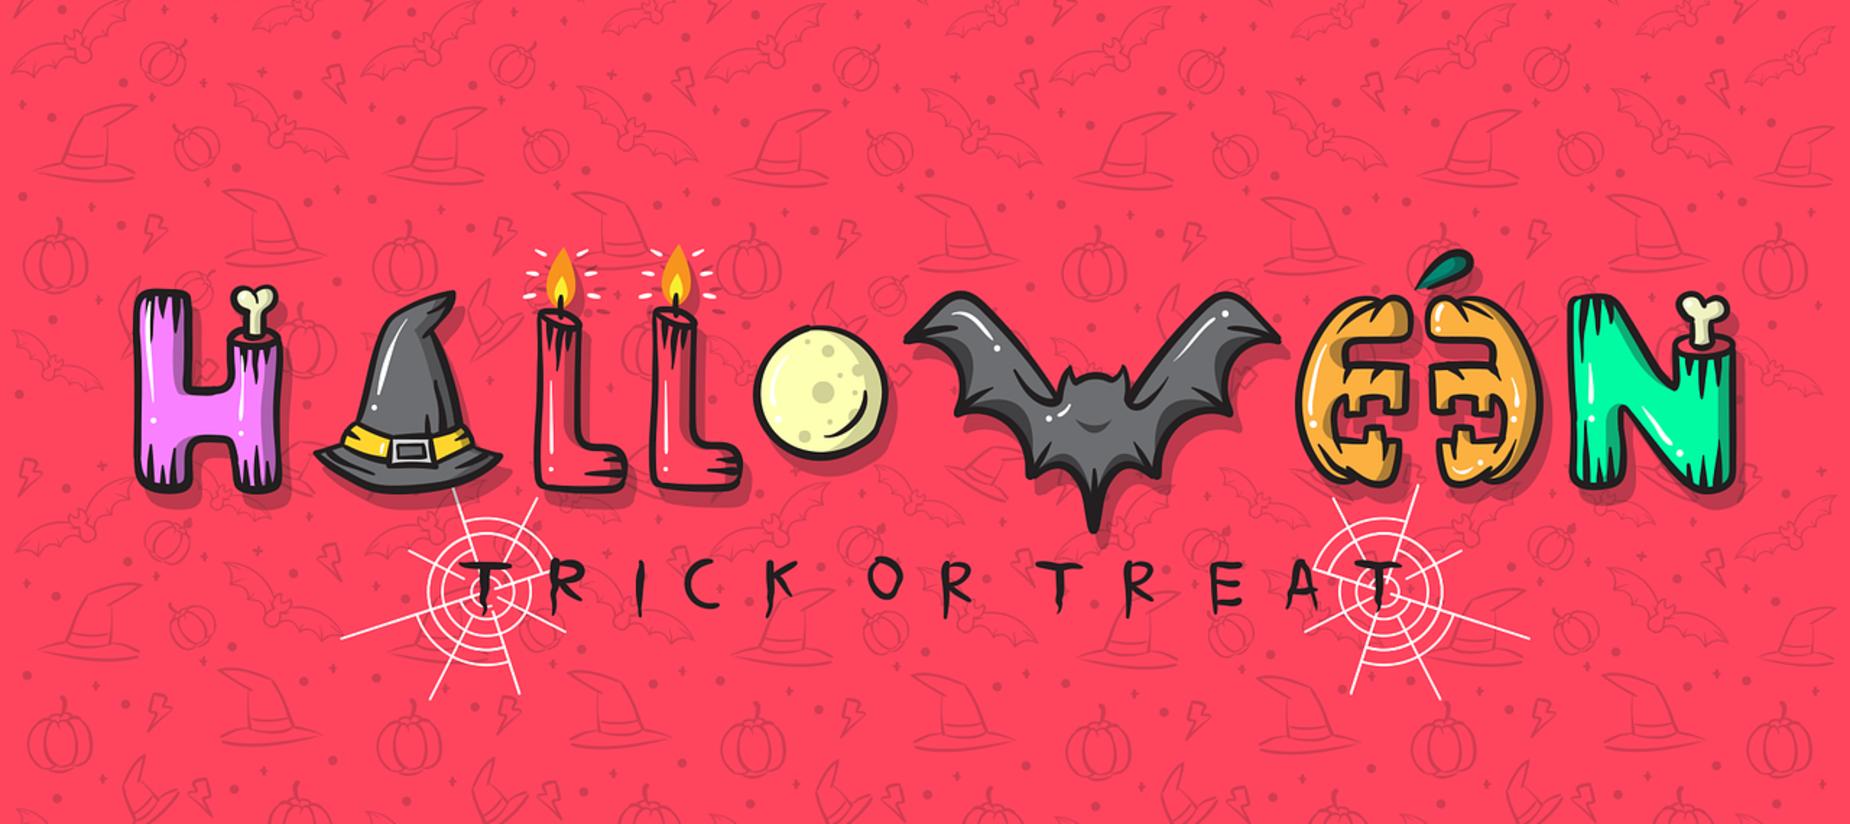 the word Halloween wrote with bones, pumpkins, black hats